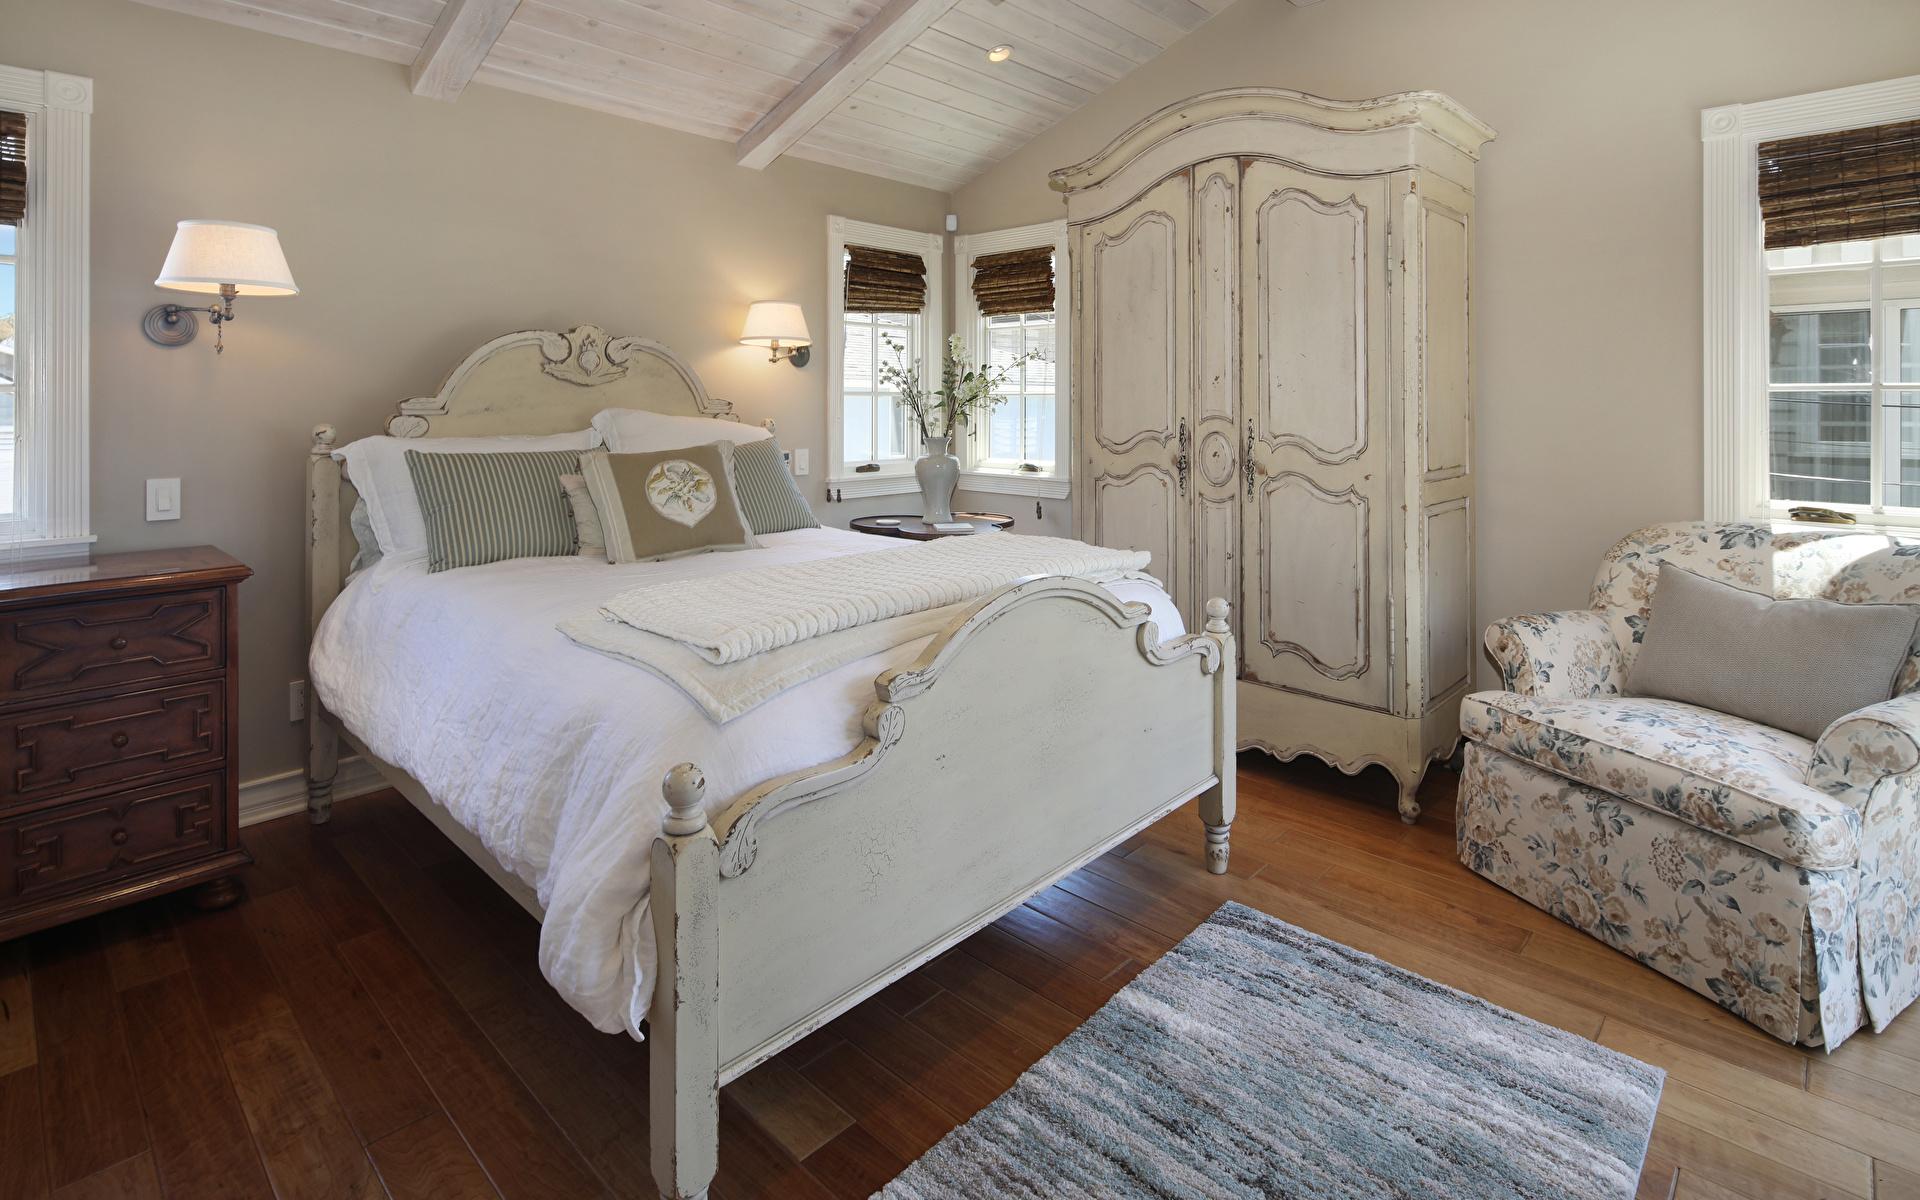 Фотография Спальня Интерьер Лампа Кресло Кровать Дизайн 1920x1200